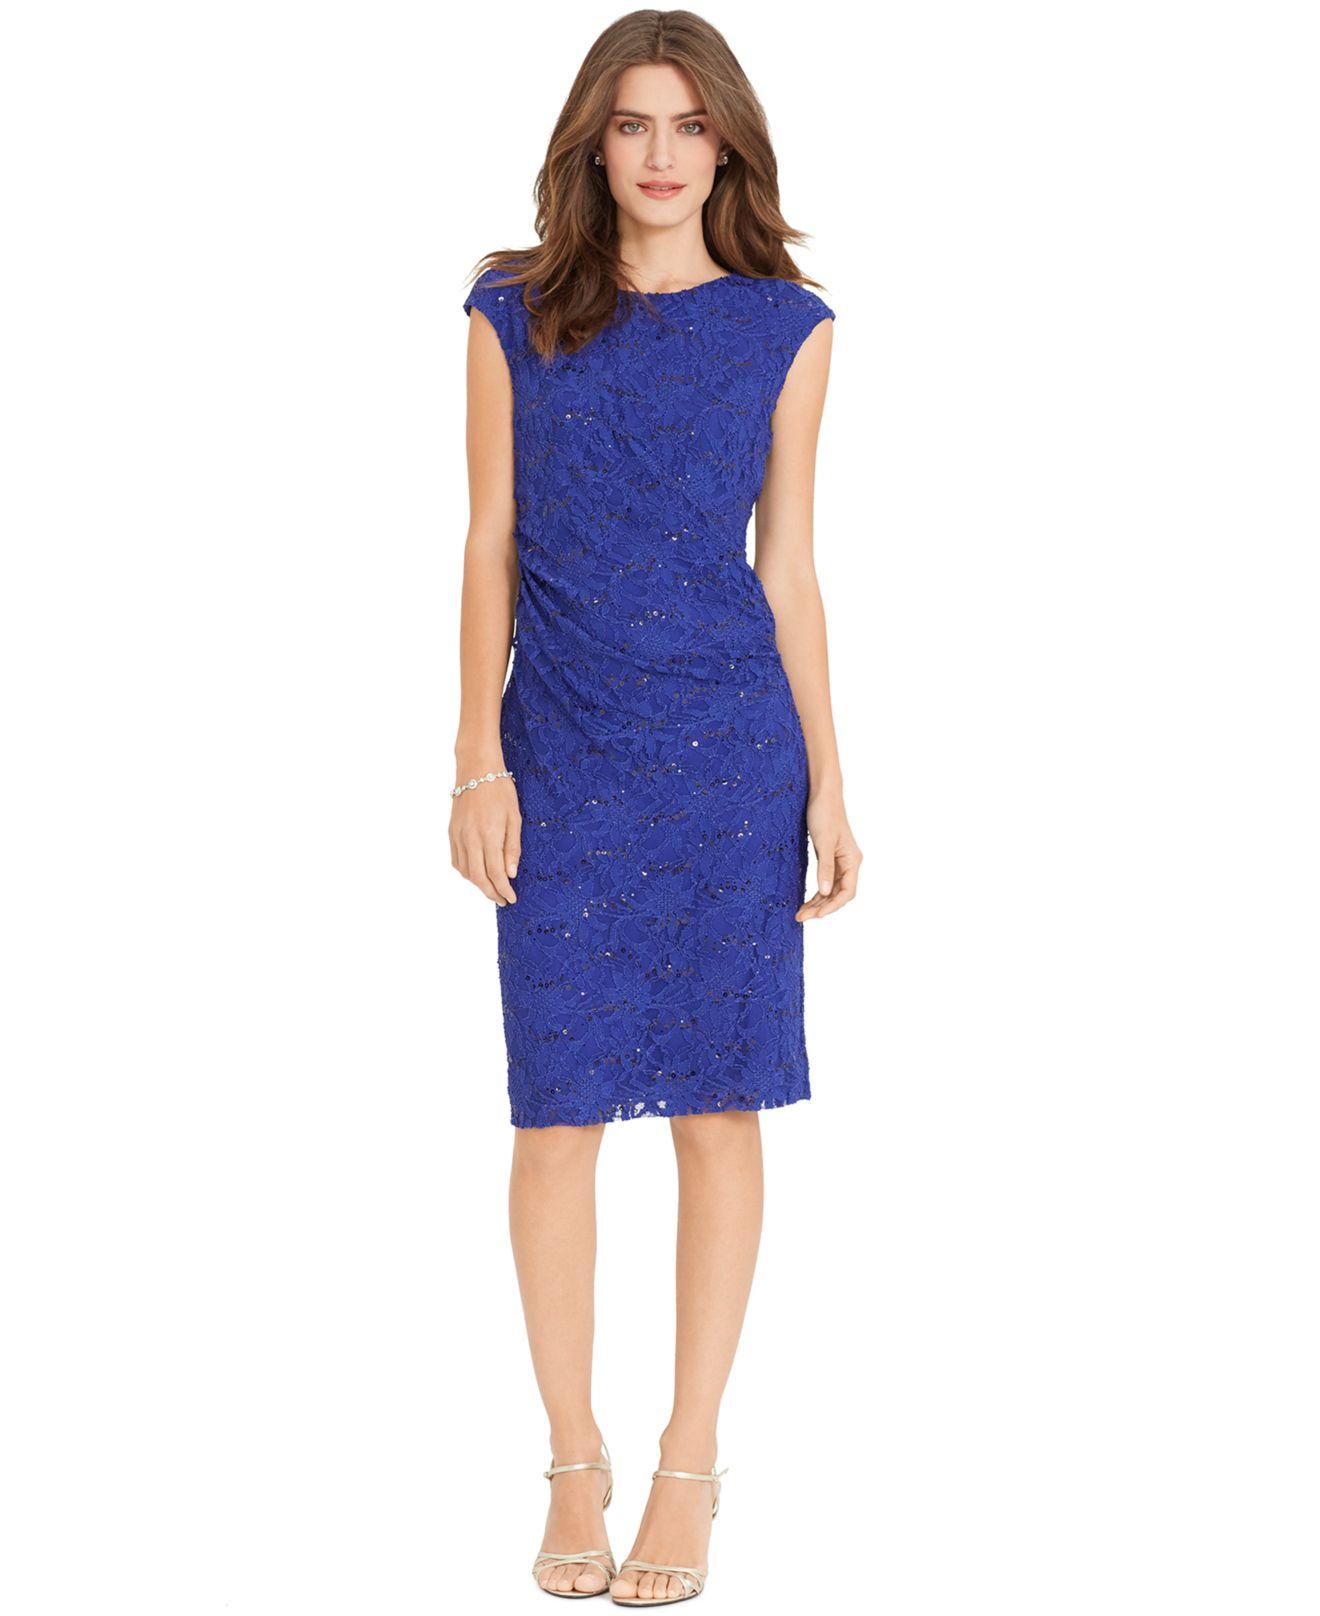 lyst lauren by ralph lauren sequined lace sheath dress